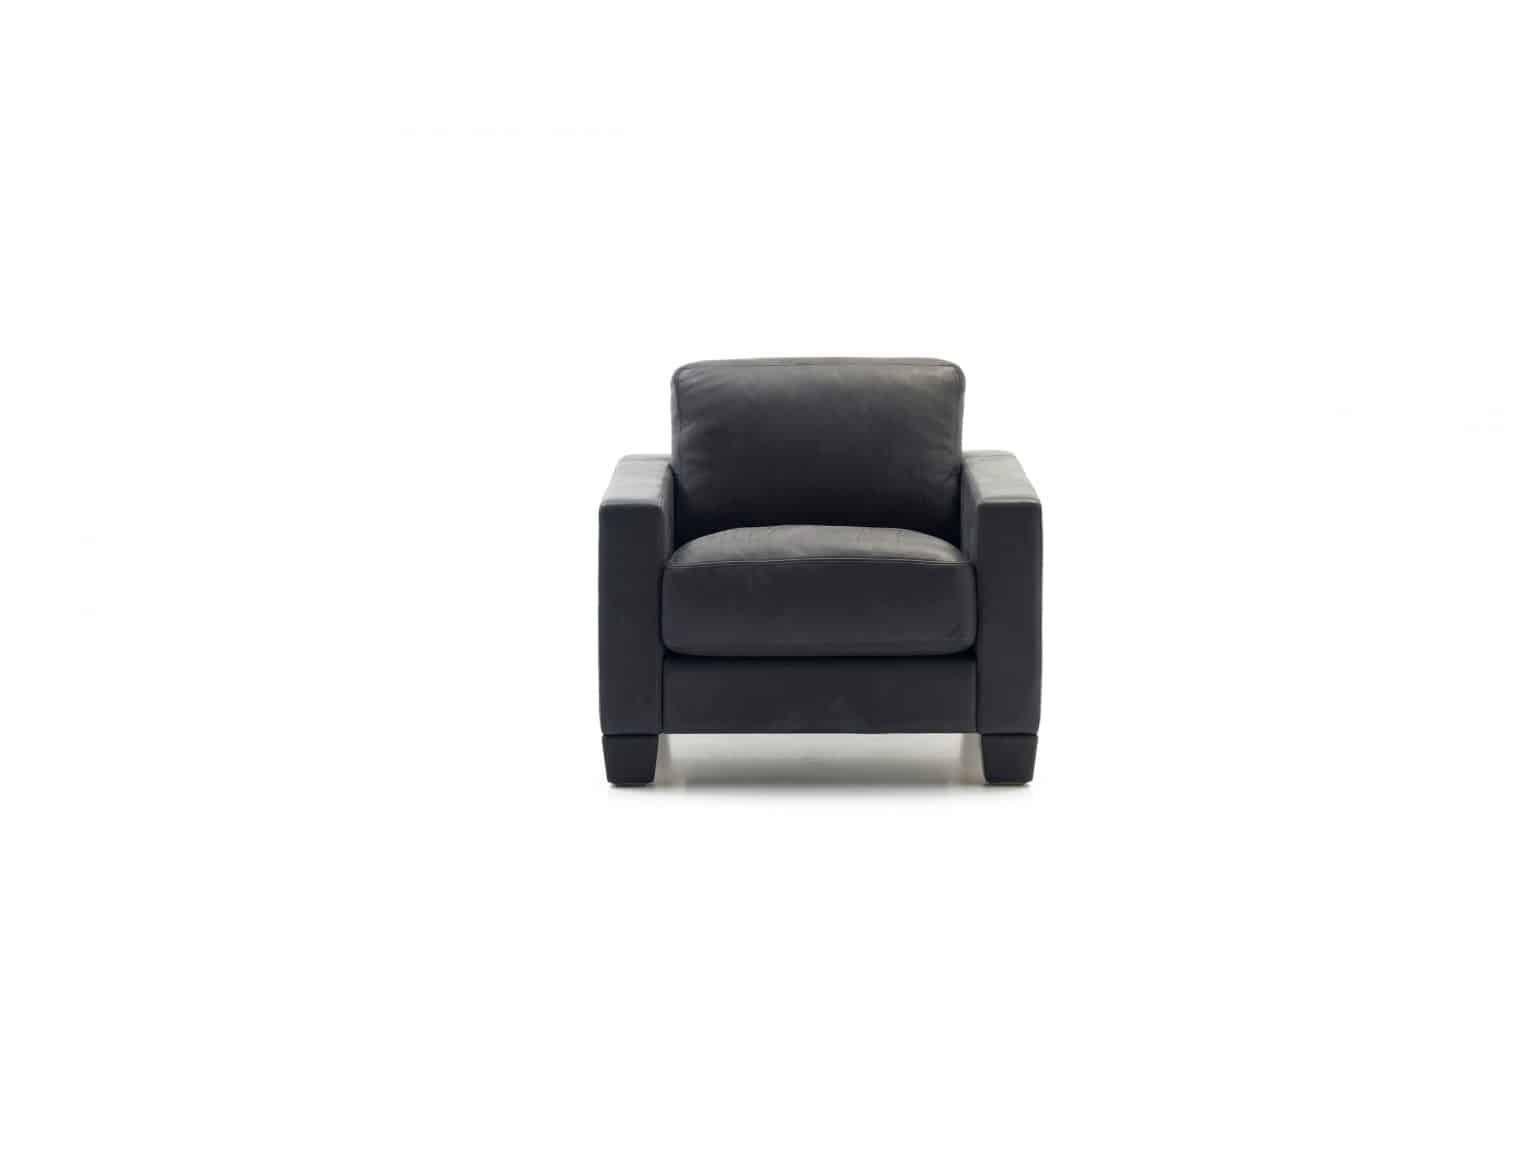 De Sede fauteuil DS-17 pa